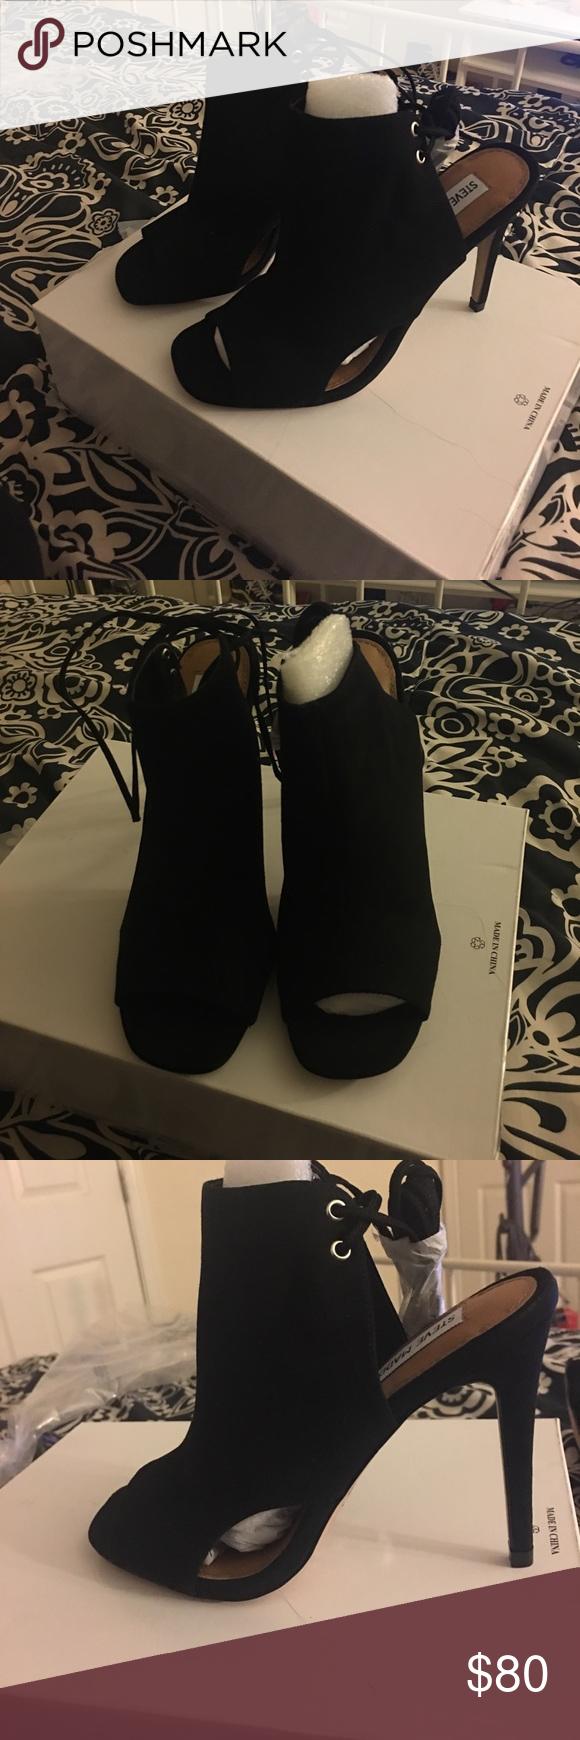 Steve Madden Muddle Steve Madden muddle black suede heels  size 8 never been worn Steve Madden Shoes Heeled Boots